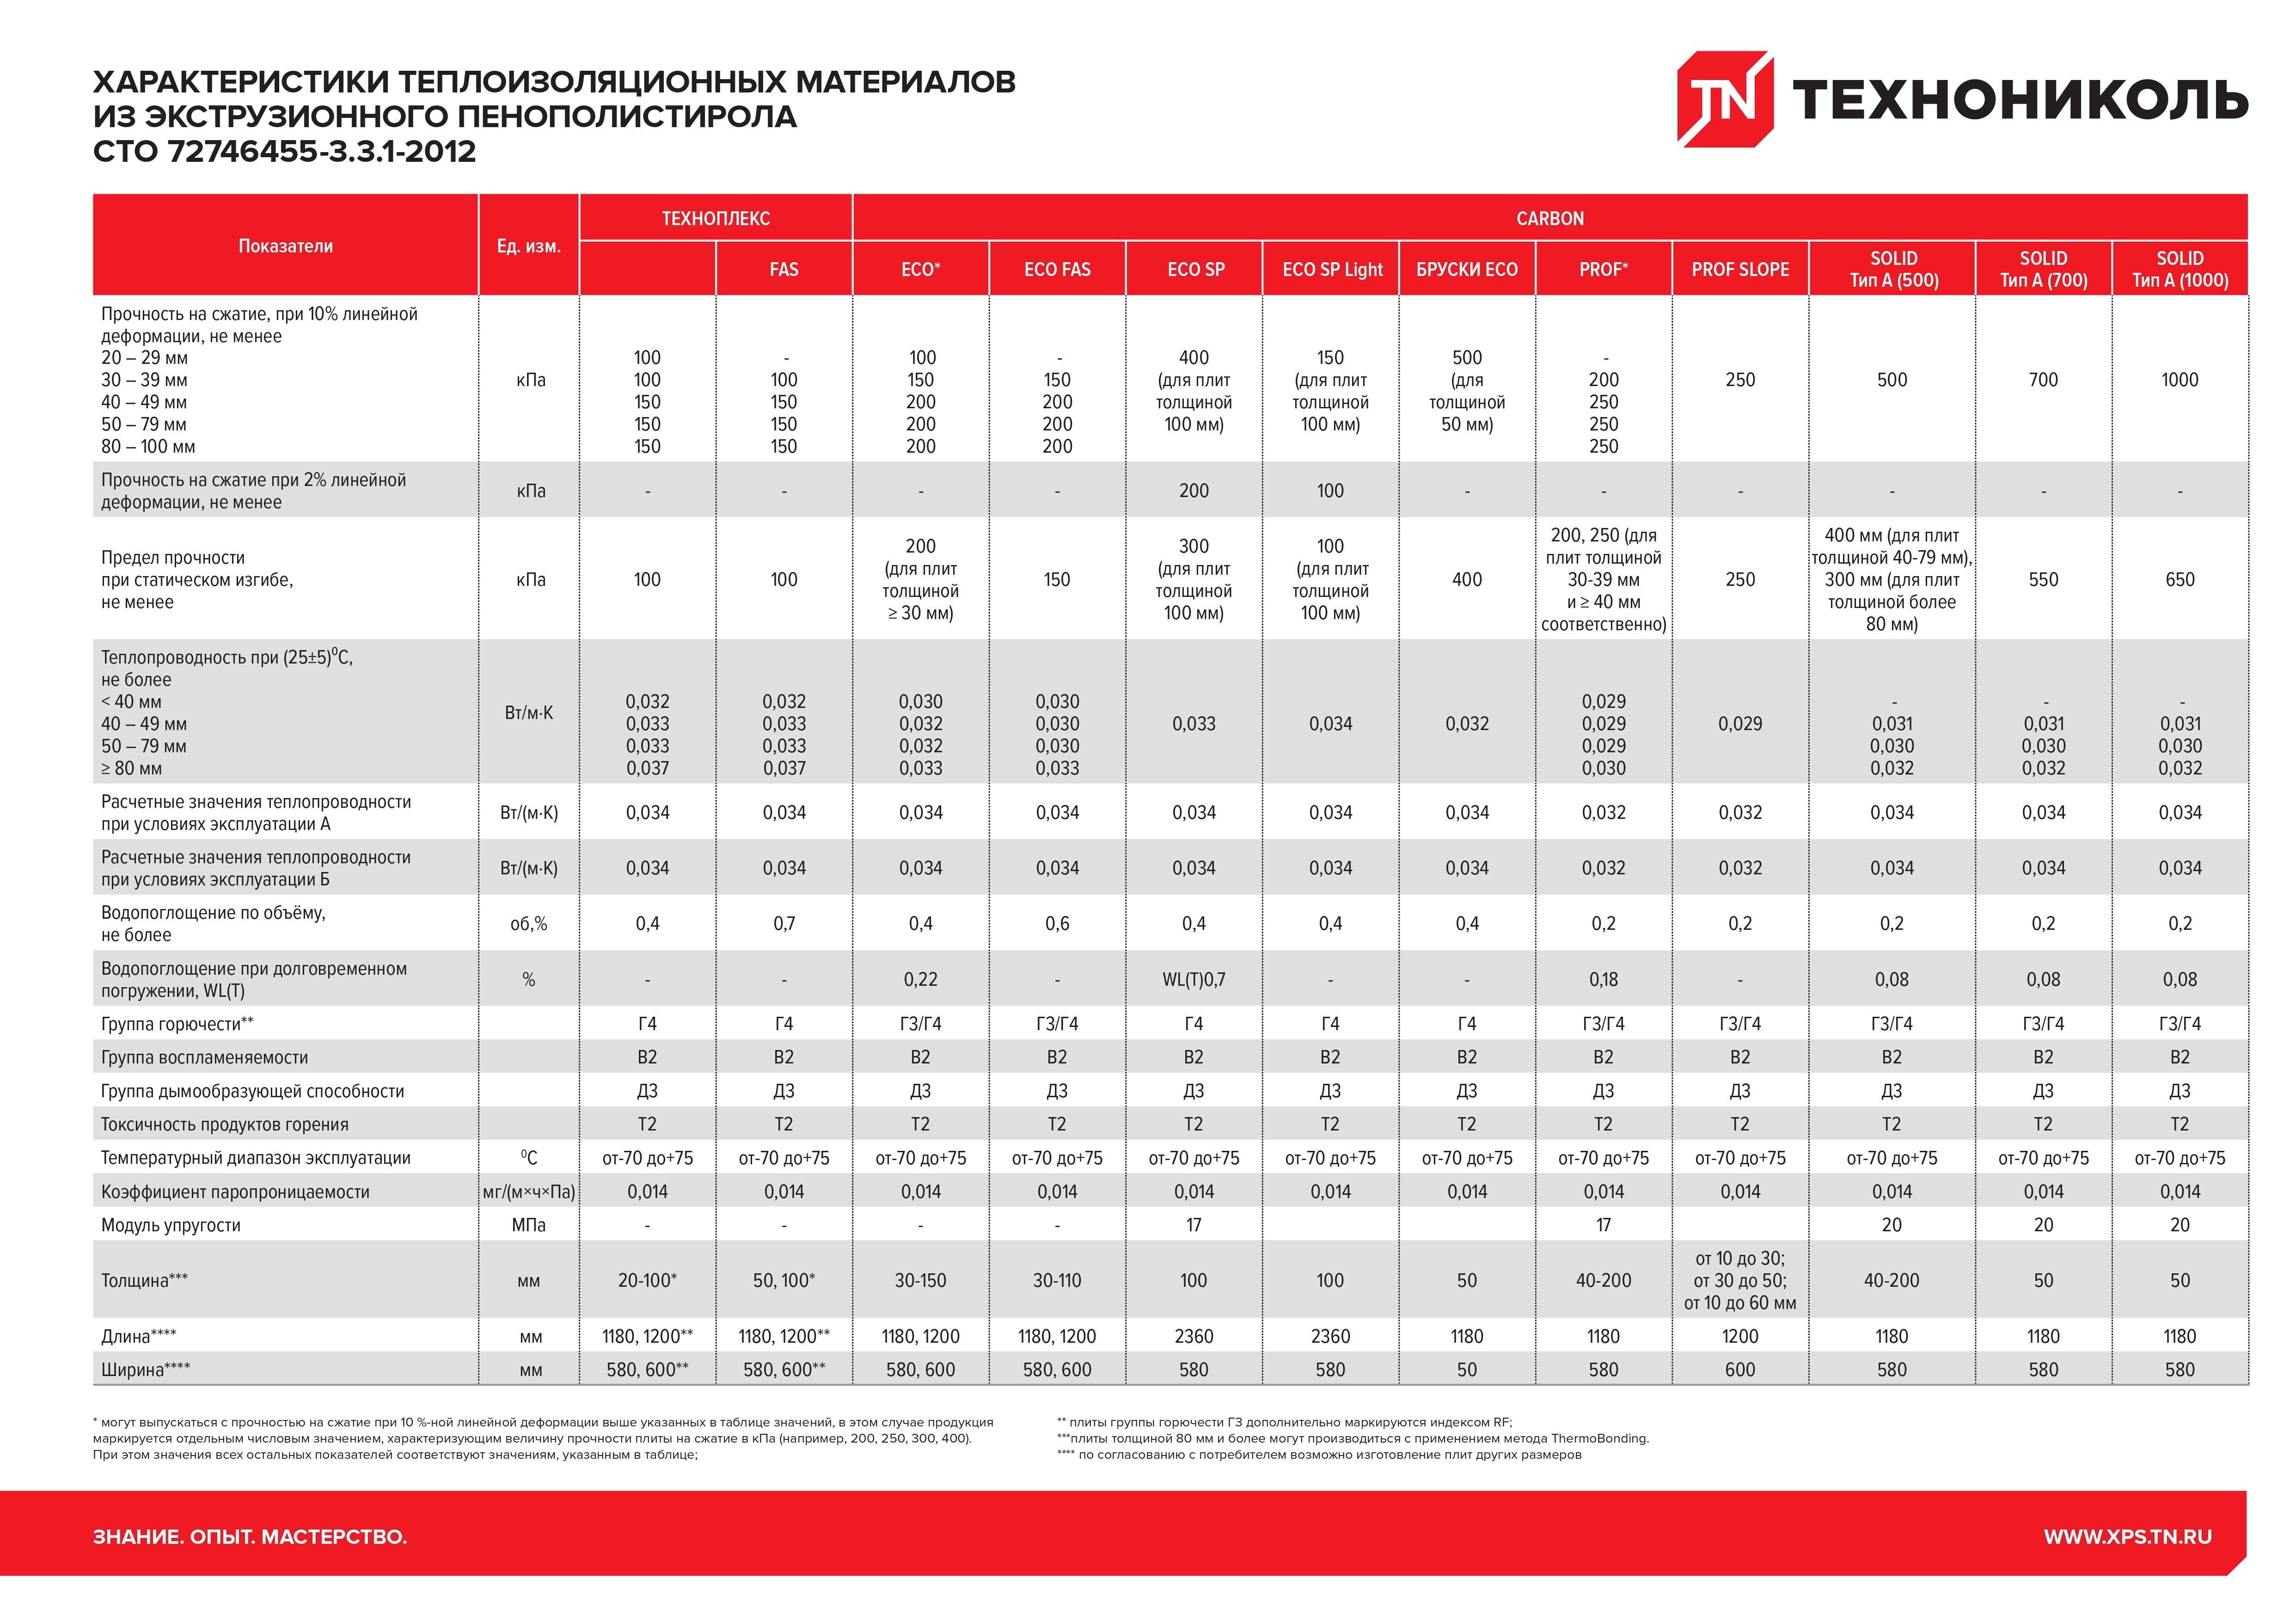 Подойдет ли для внутренней отделки техноплекс. утеплитель техноплекс: характеристики и применение. форма выпуска и условия хранения